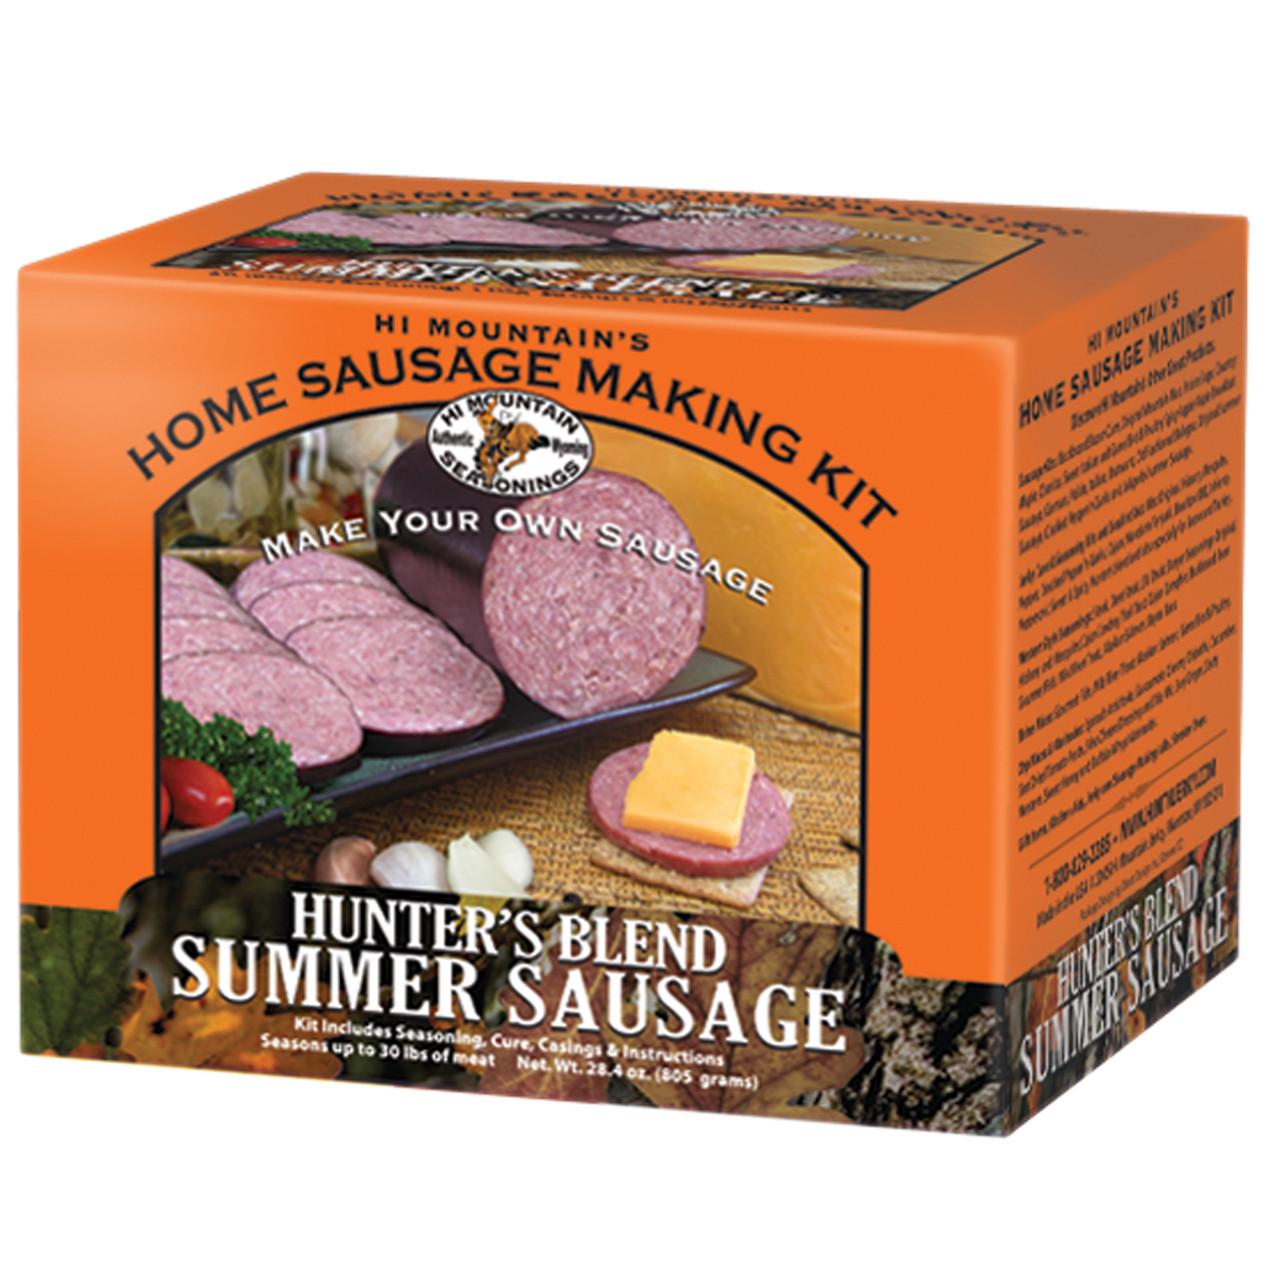 Hunter's Blend Summer Sausage Kit